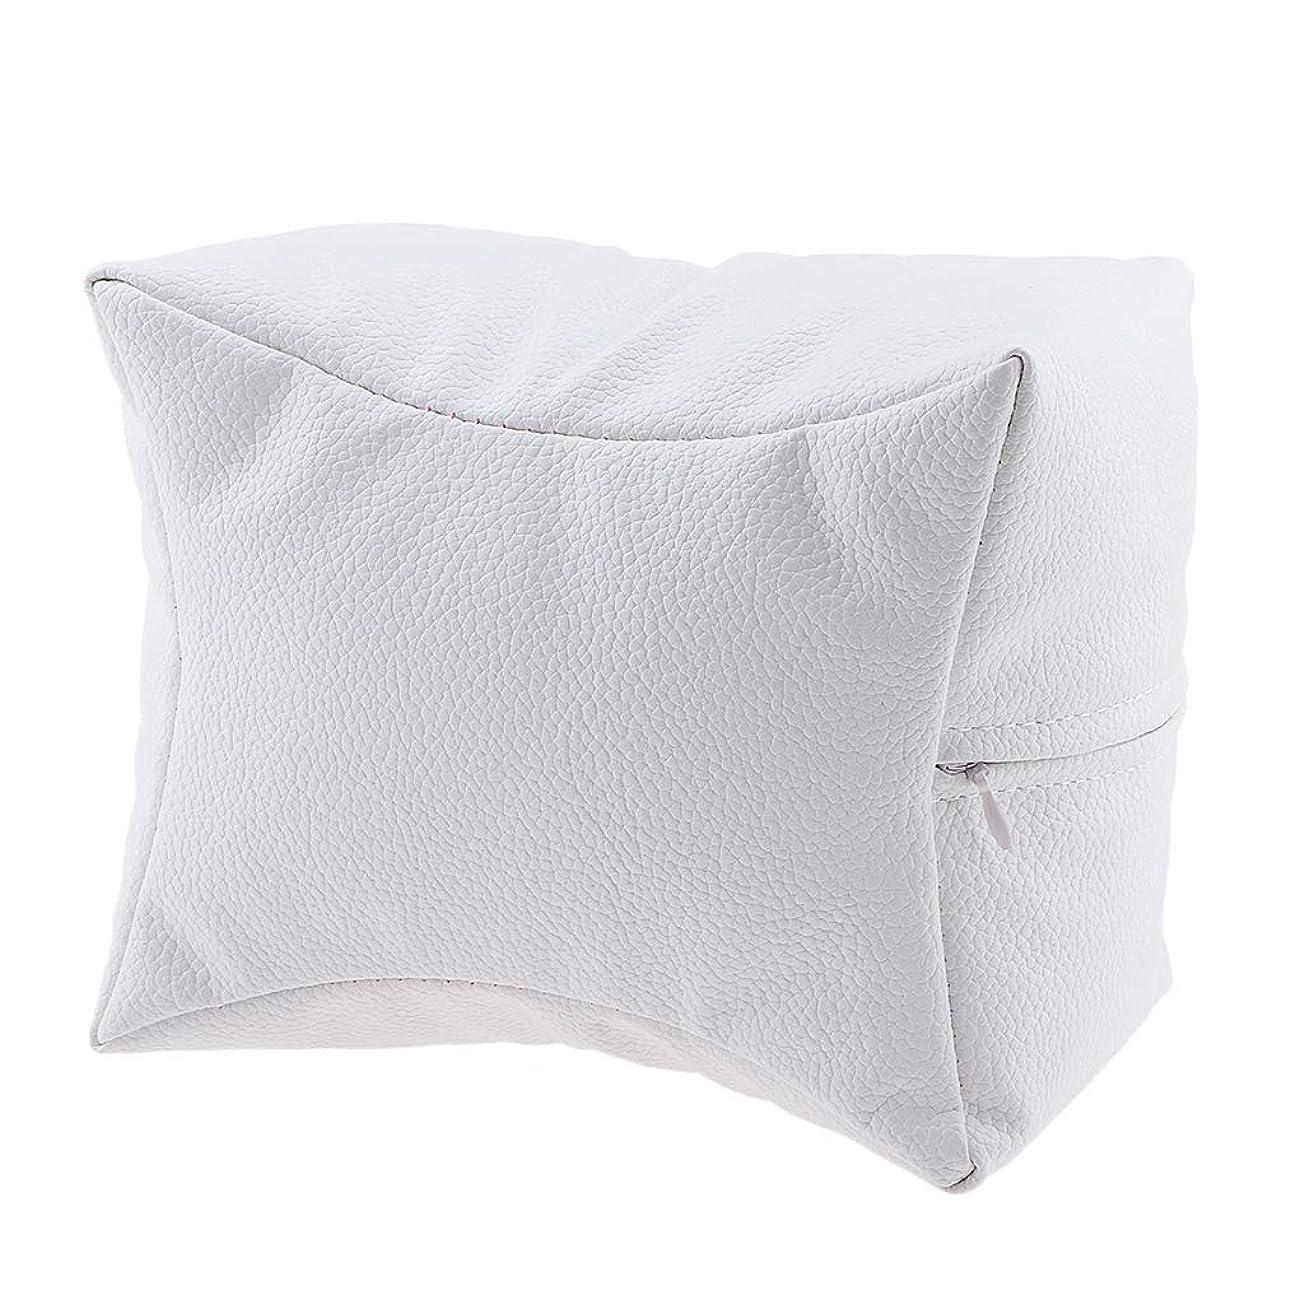 矢ペナルティ花P Prettyia ネイルハンドピロー プロ ネイルサロン 手枕 レストピロー ネイルケア 4色選べ - 白